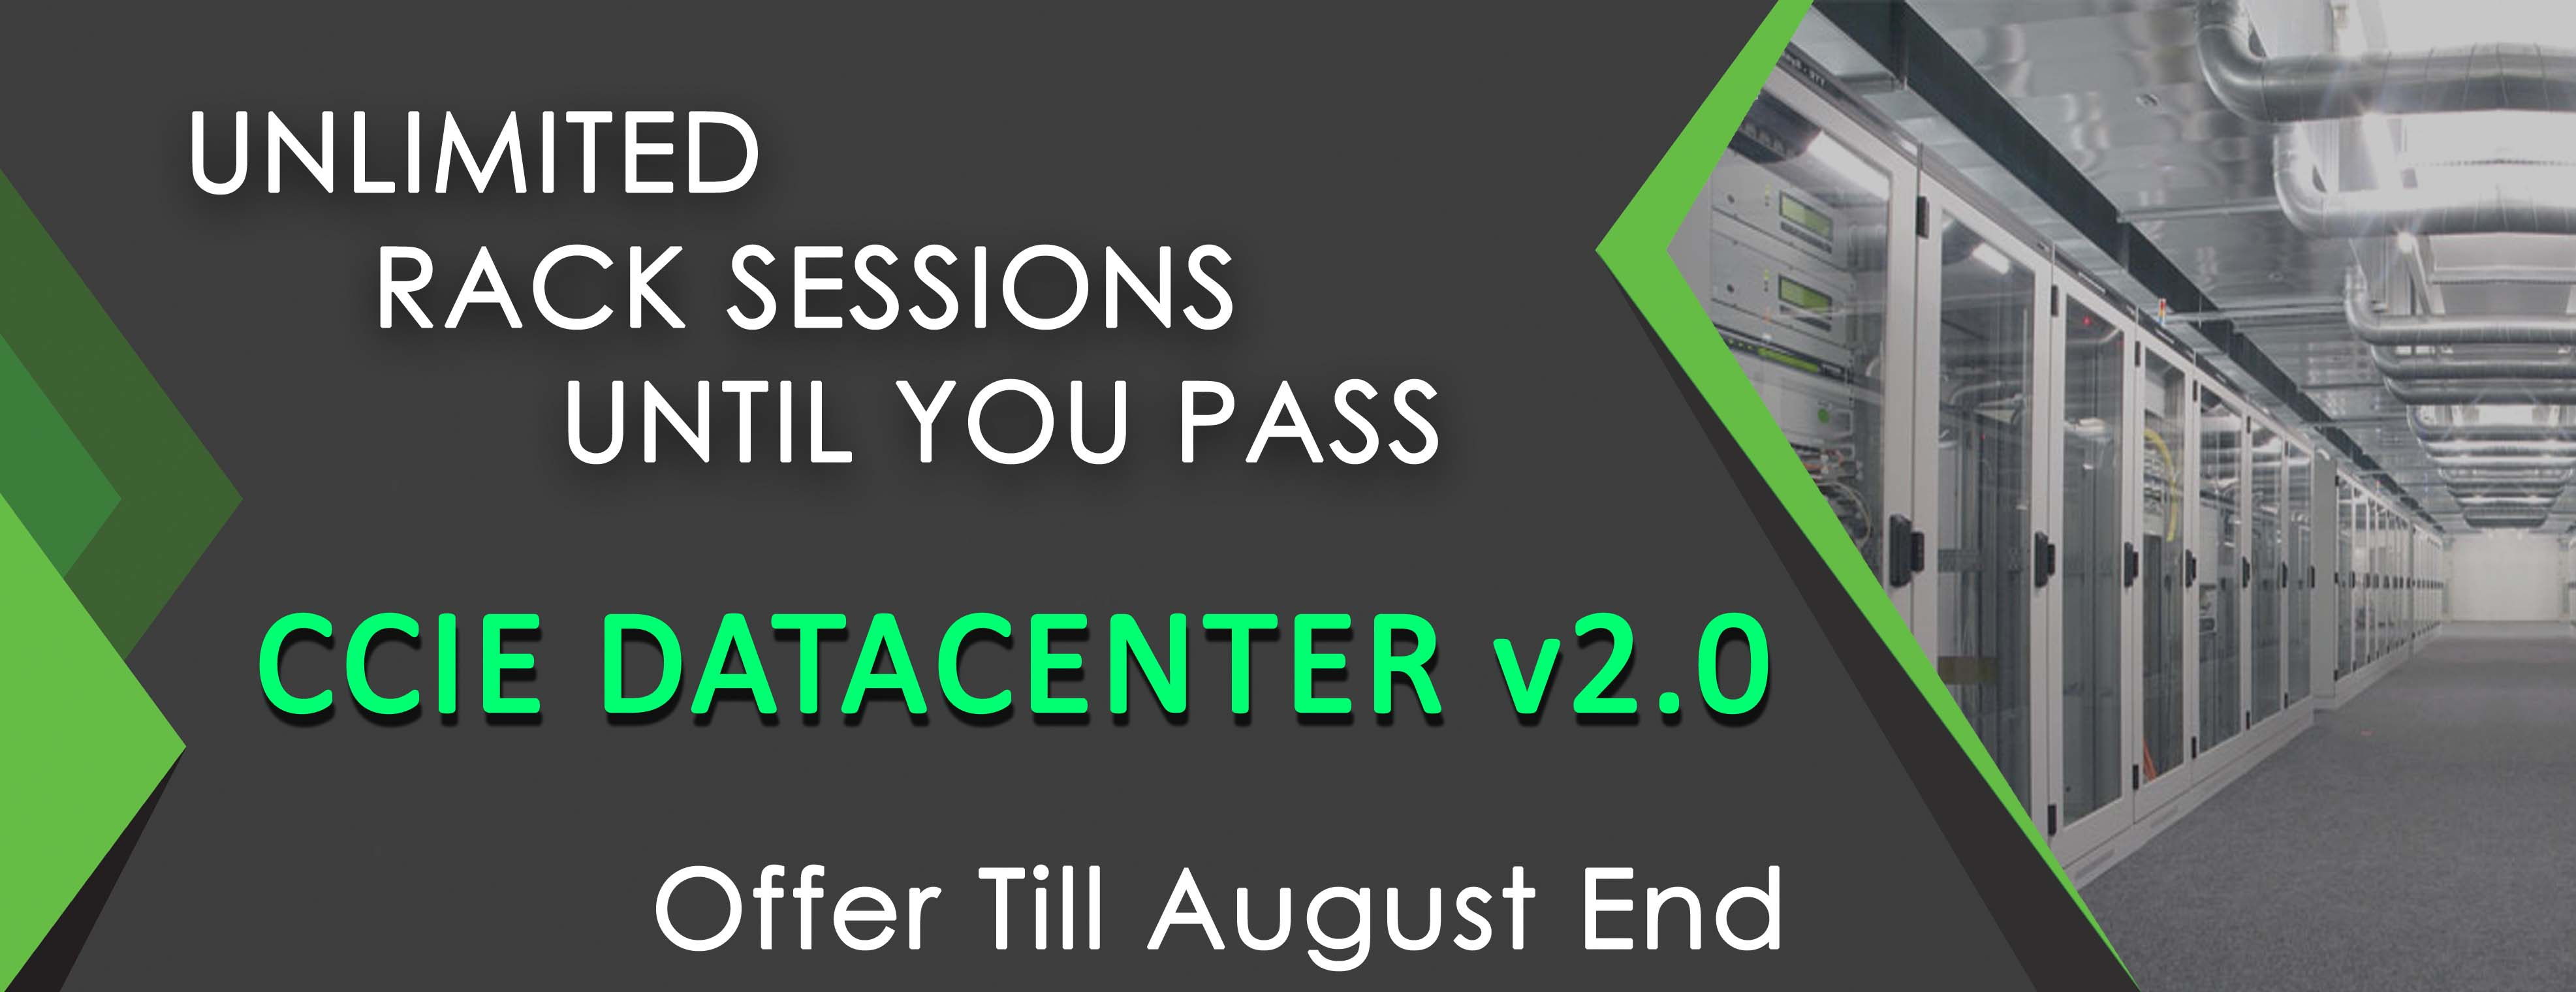 UNLIMITED RACK SESSIONS UNTIL YOU PASS CCIE DATACENTER v2 website banner